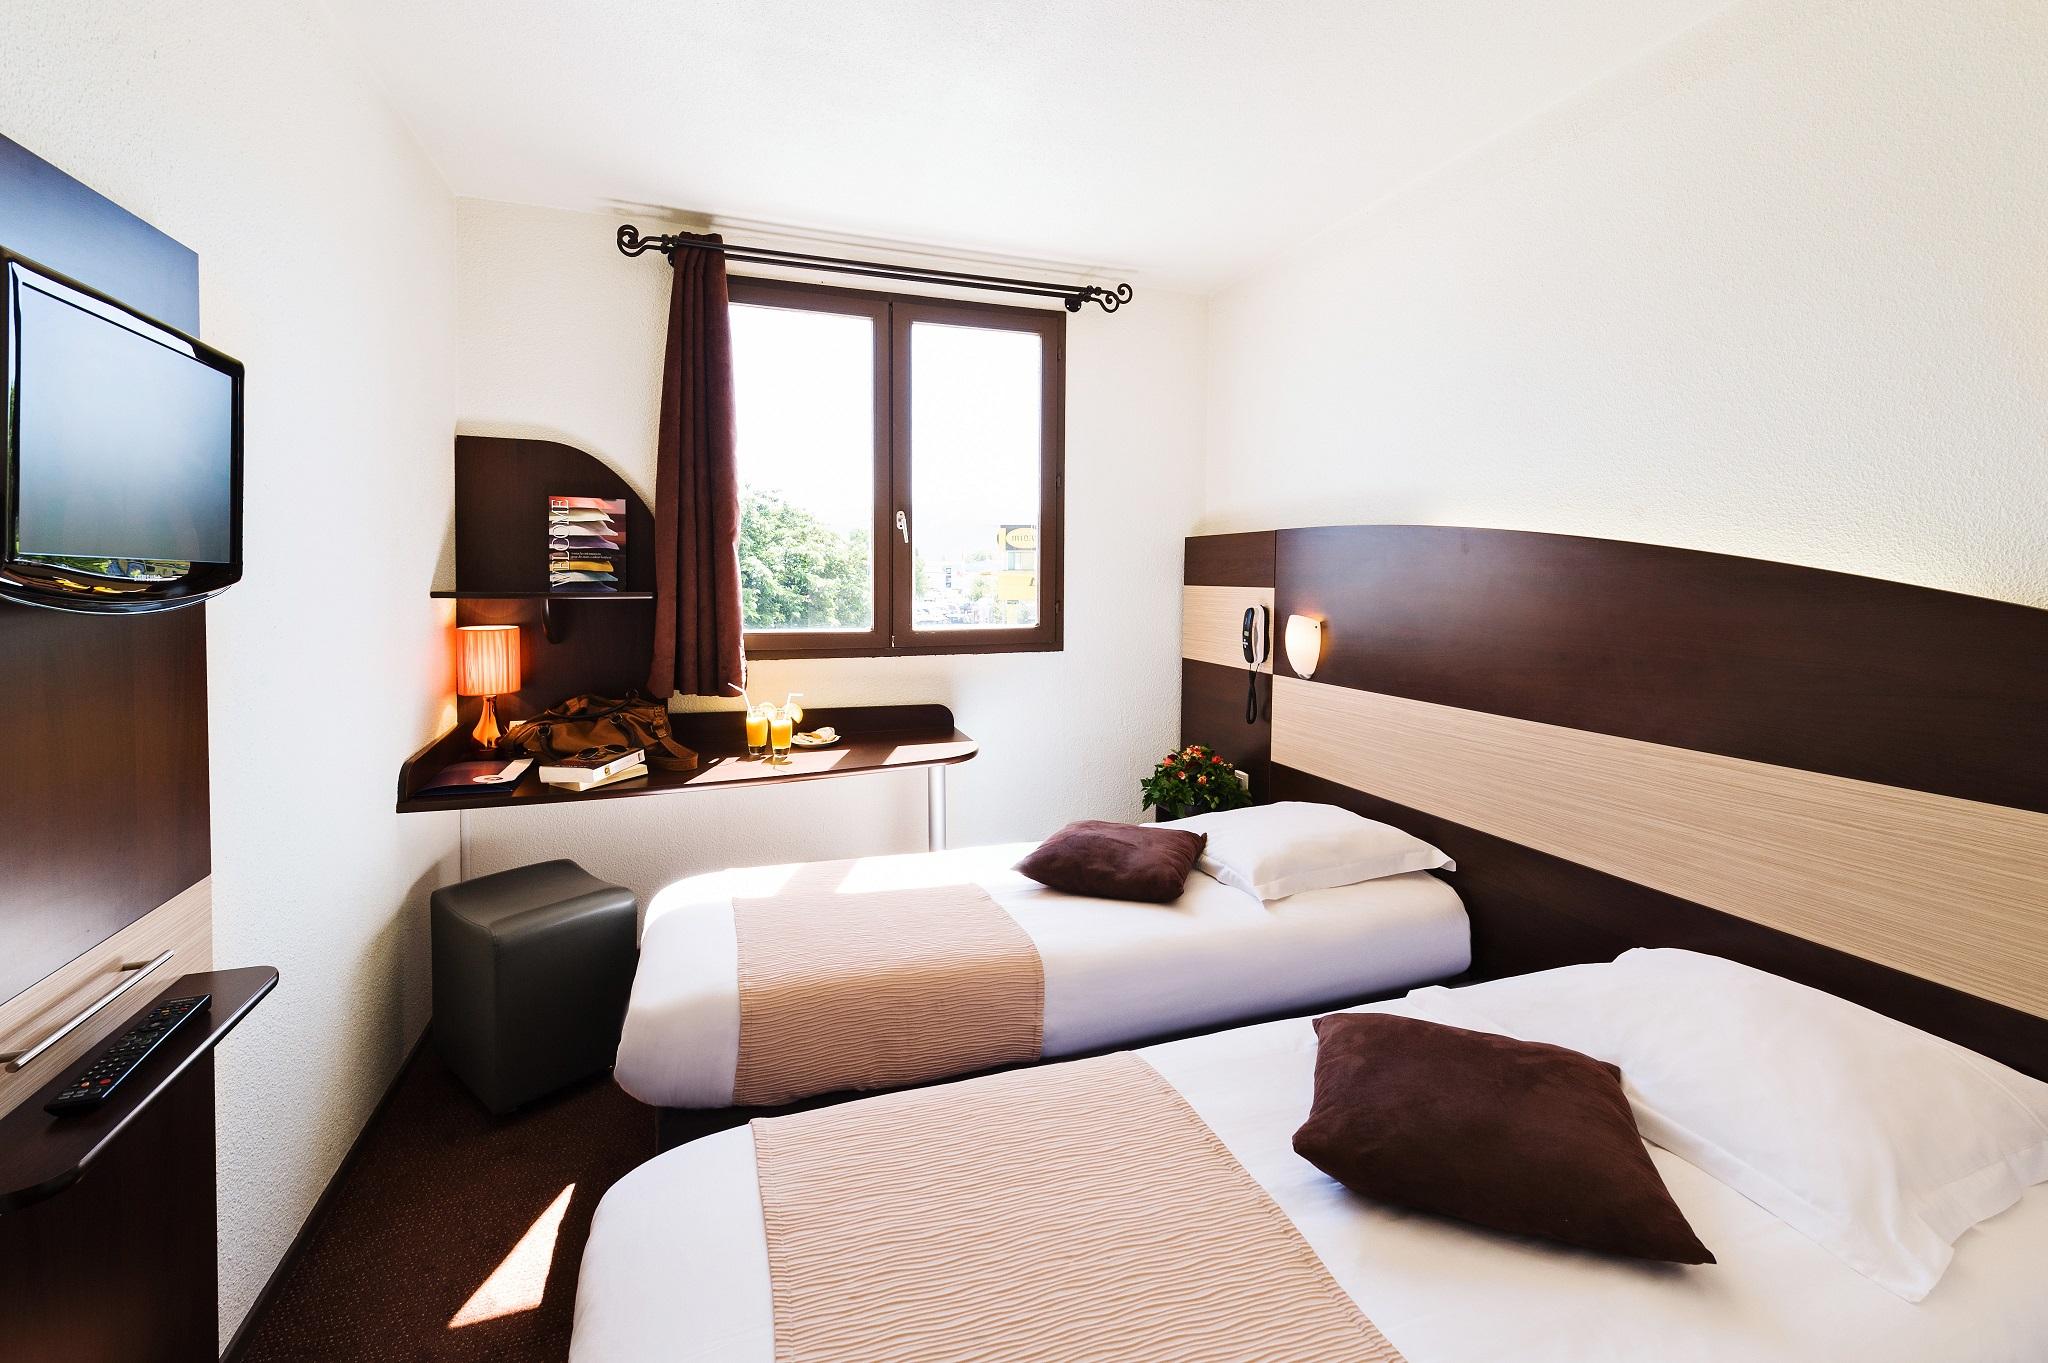 Chambre INTER-HOTEL Le Relais d'Aubagne à AUBAGNE